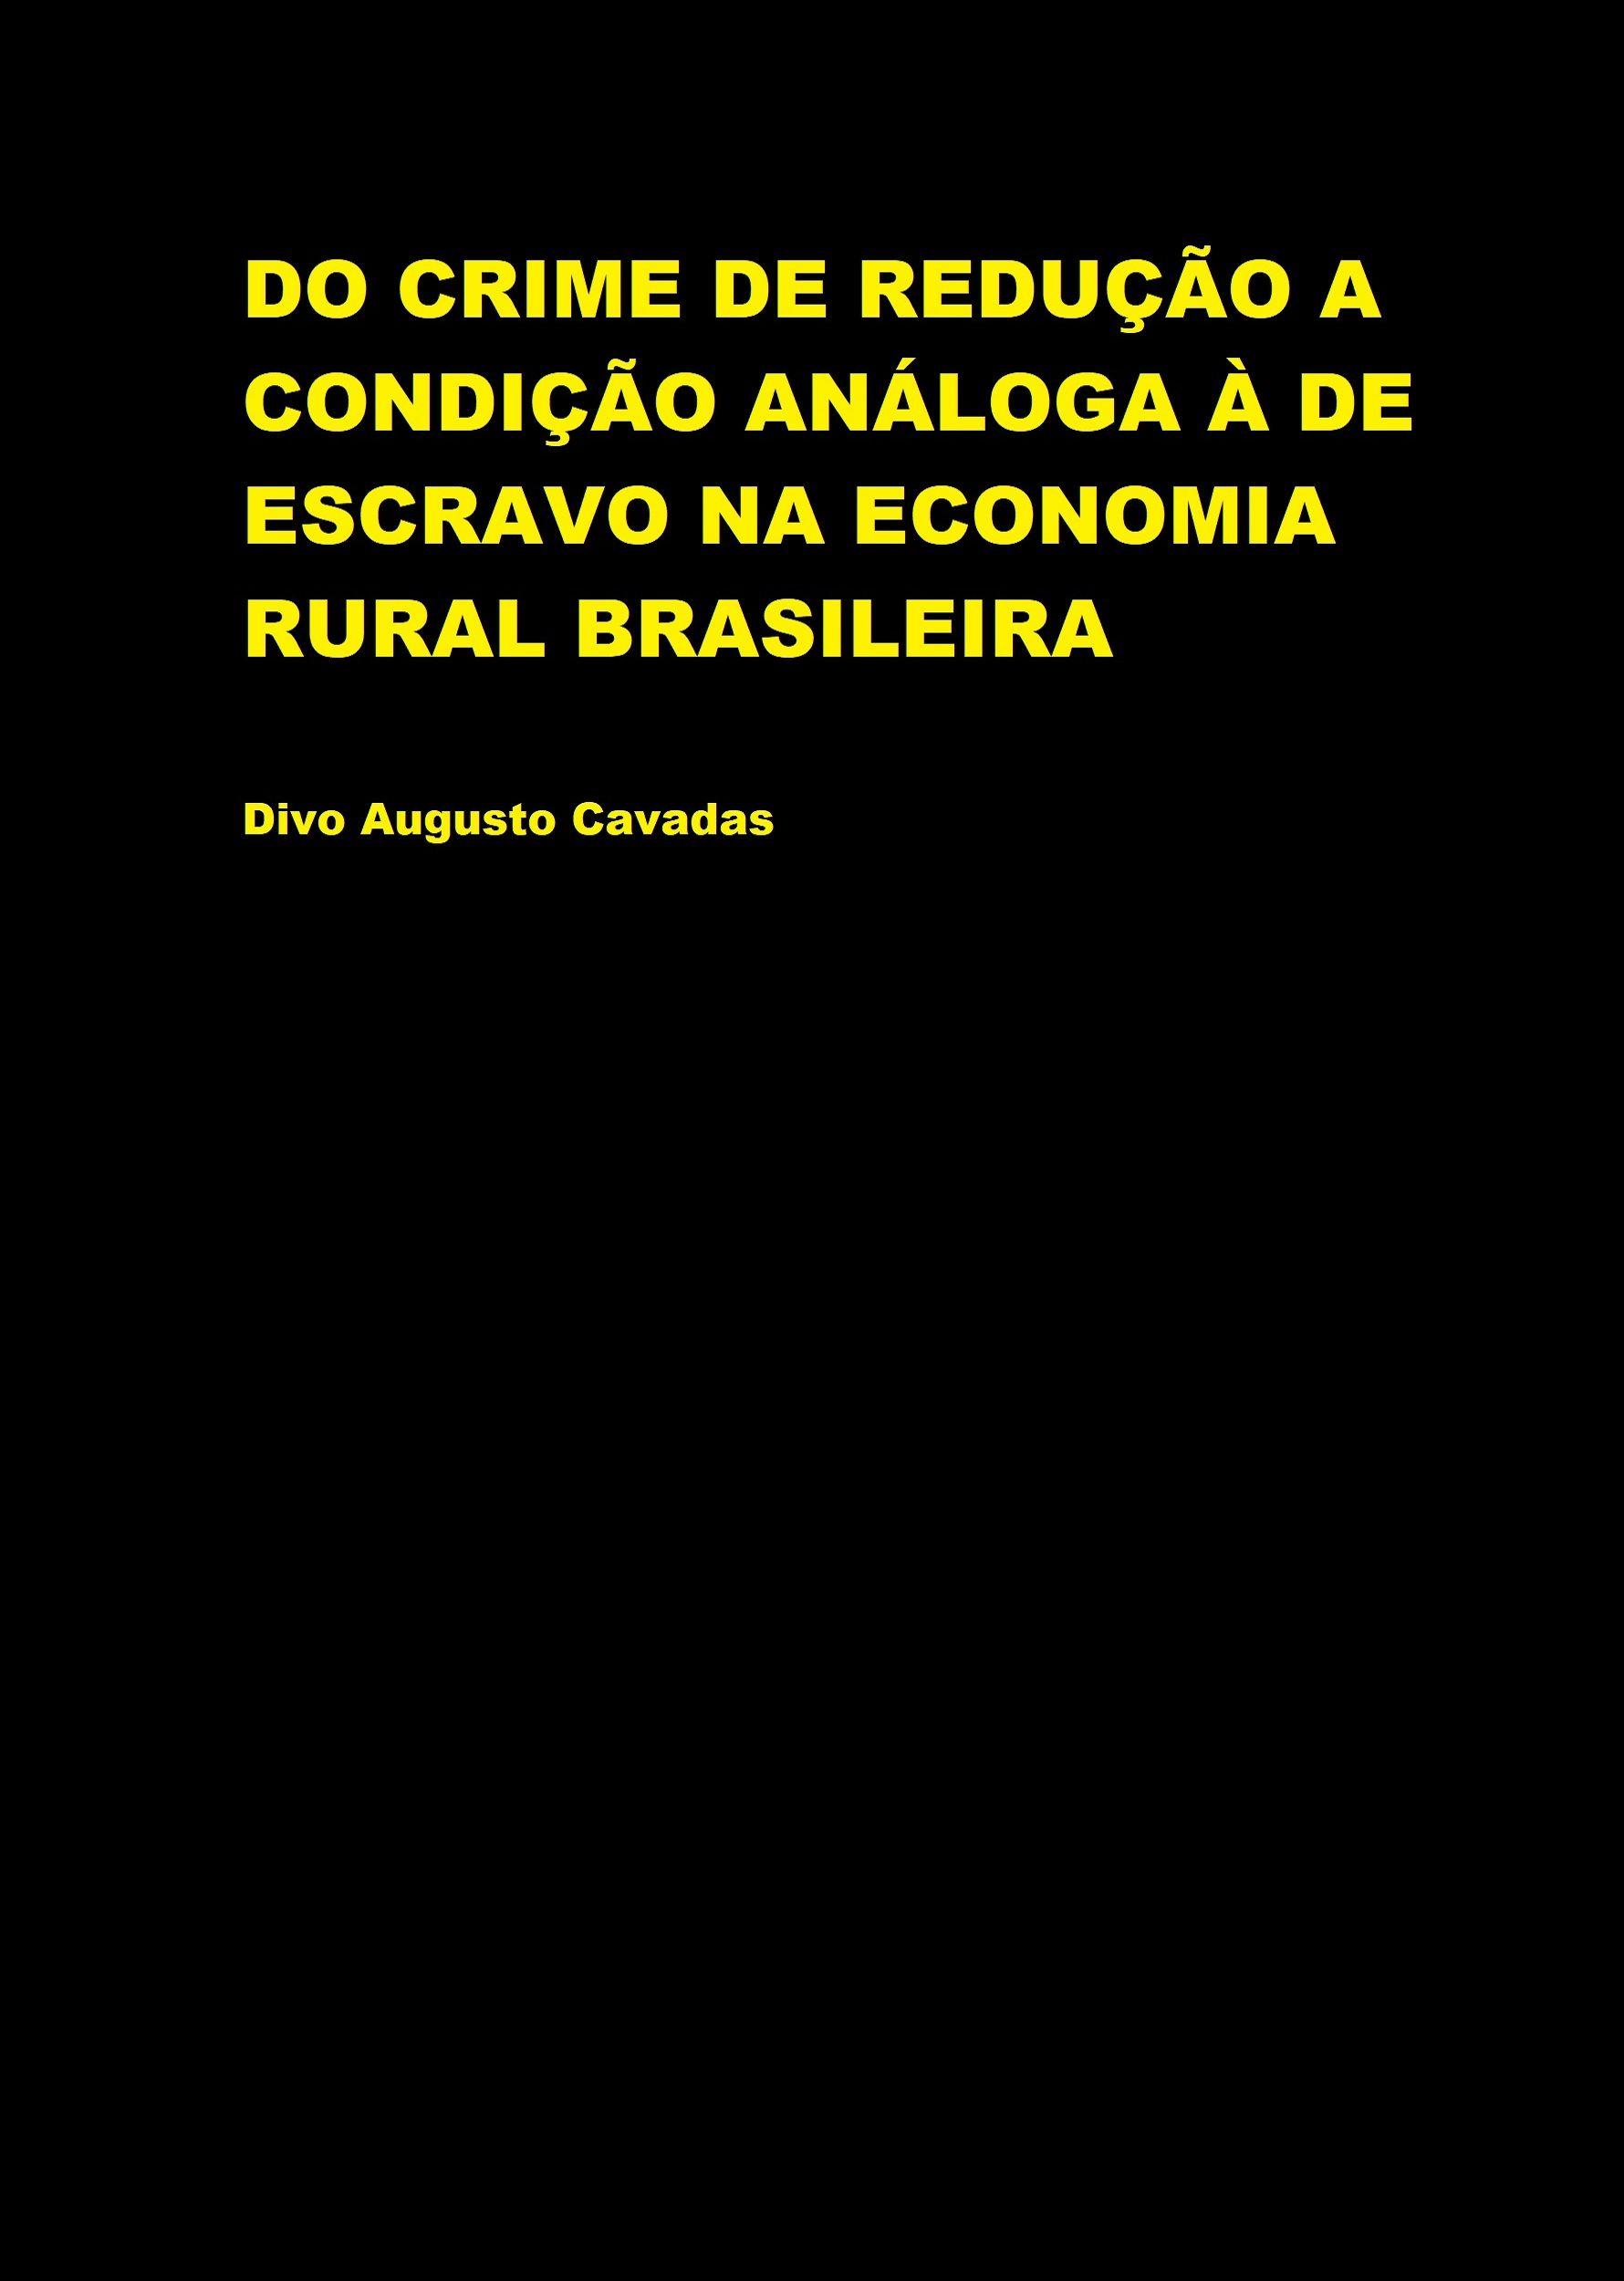 Do Crime de Redução a Condição Análoga à de Escravo na Economia Rural Brasileira